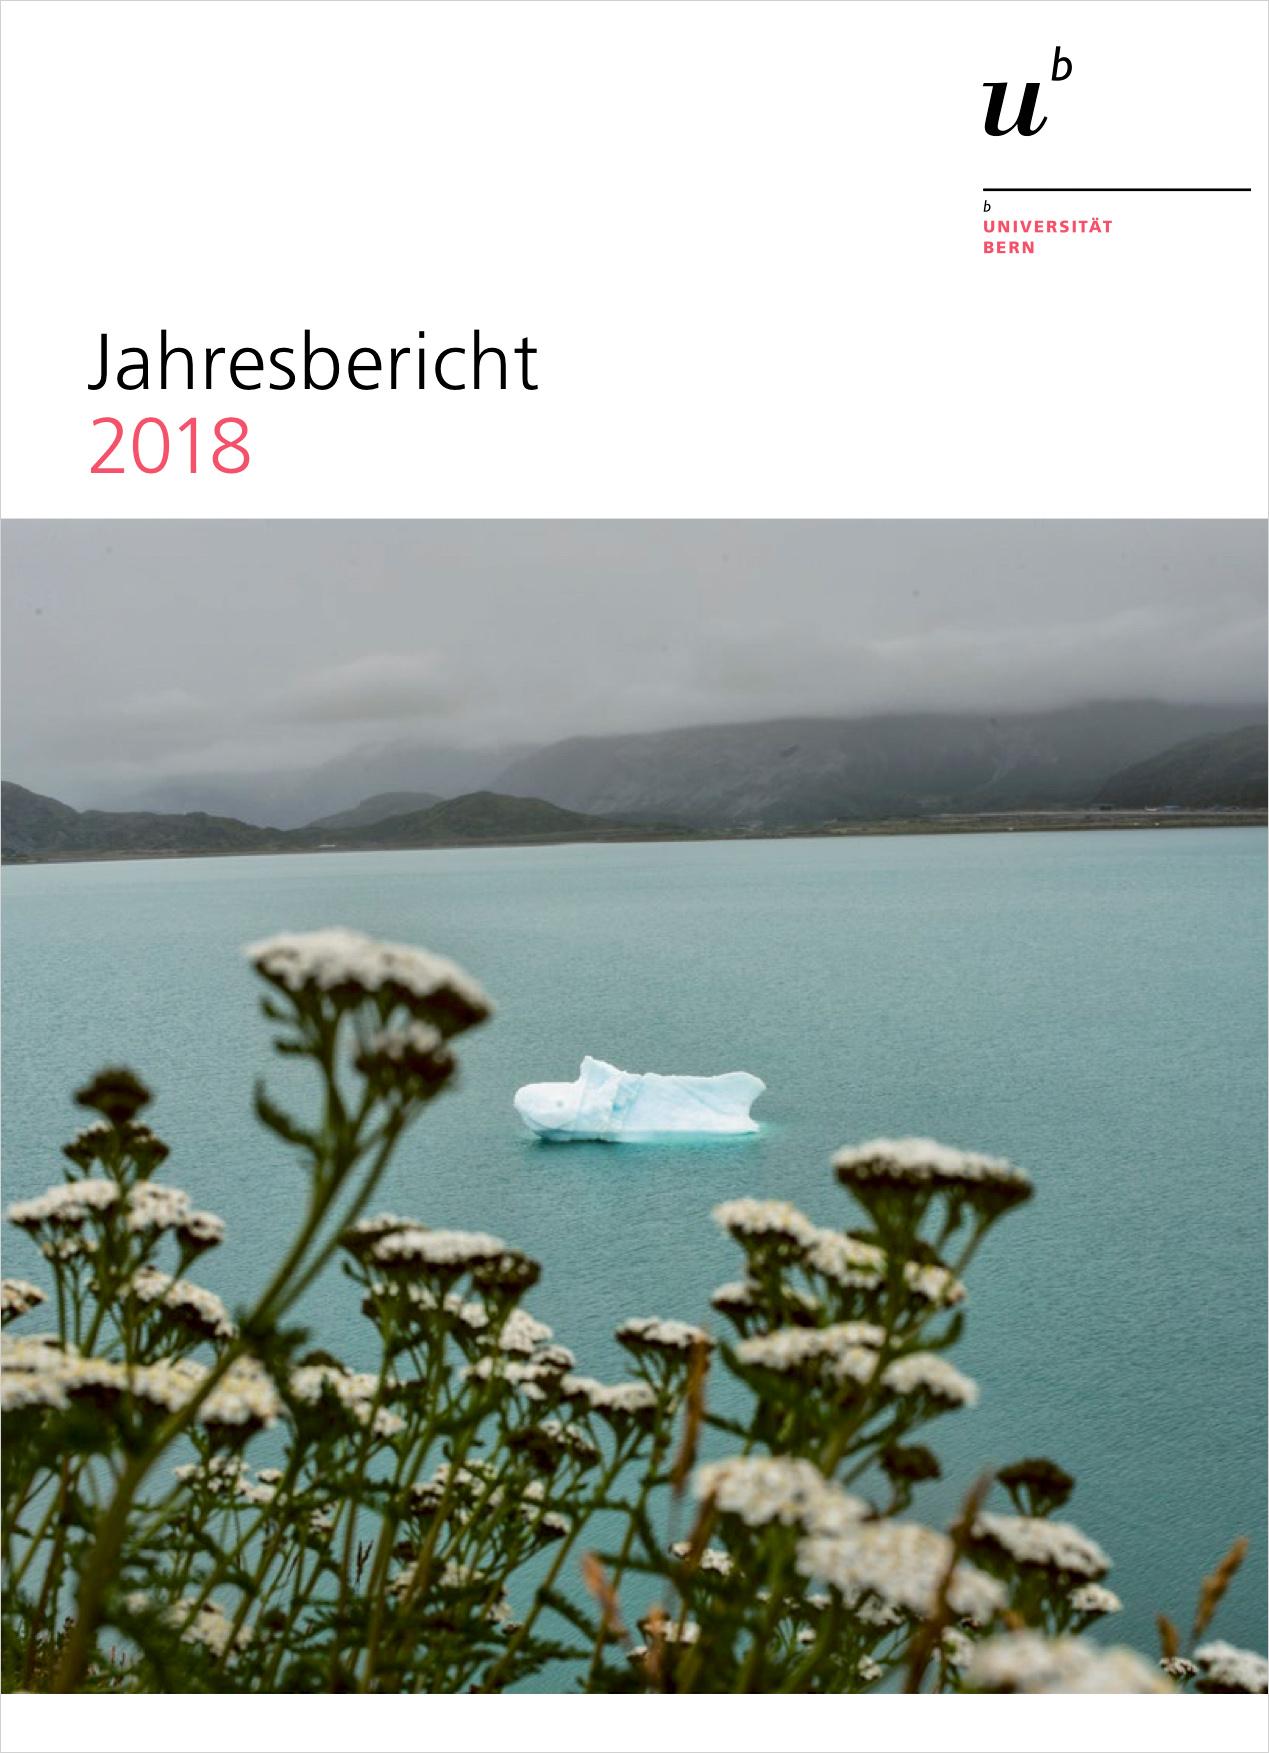 Die Titelseite des Jahresberichts 2018 der Universität Bern. © Universität Bern / Bild: KEYSTONE / NOOR / Kadir von Lohuizen